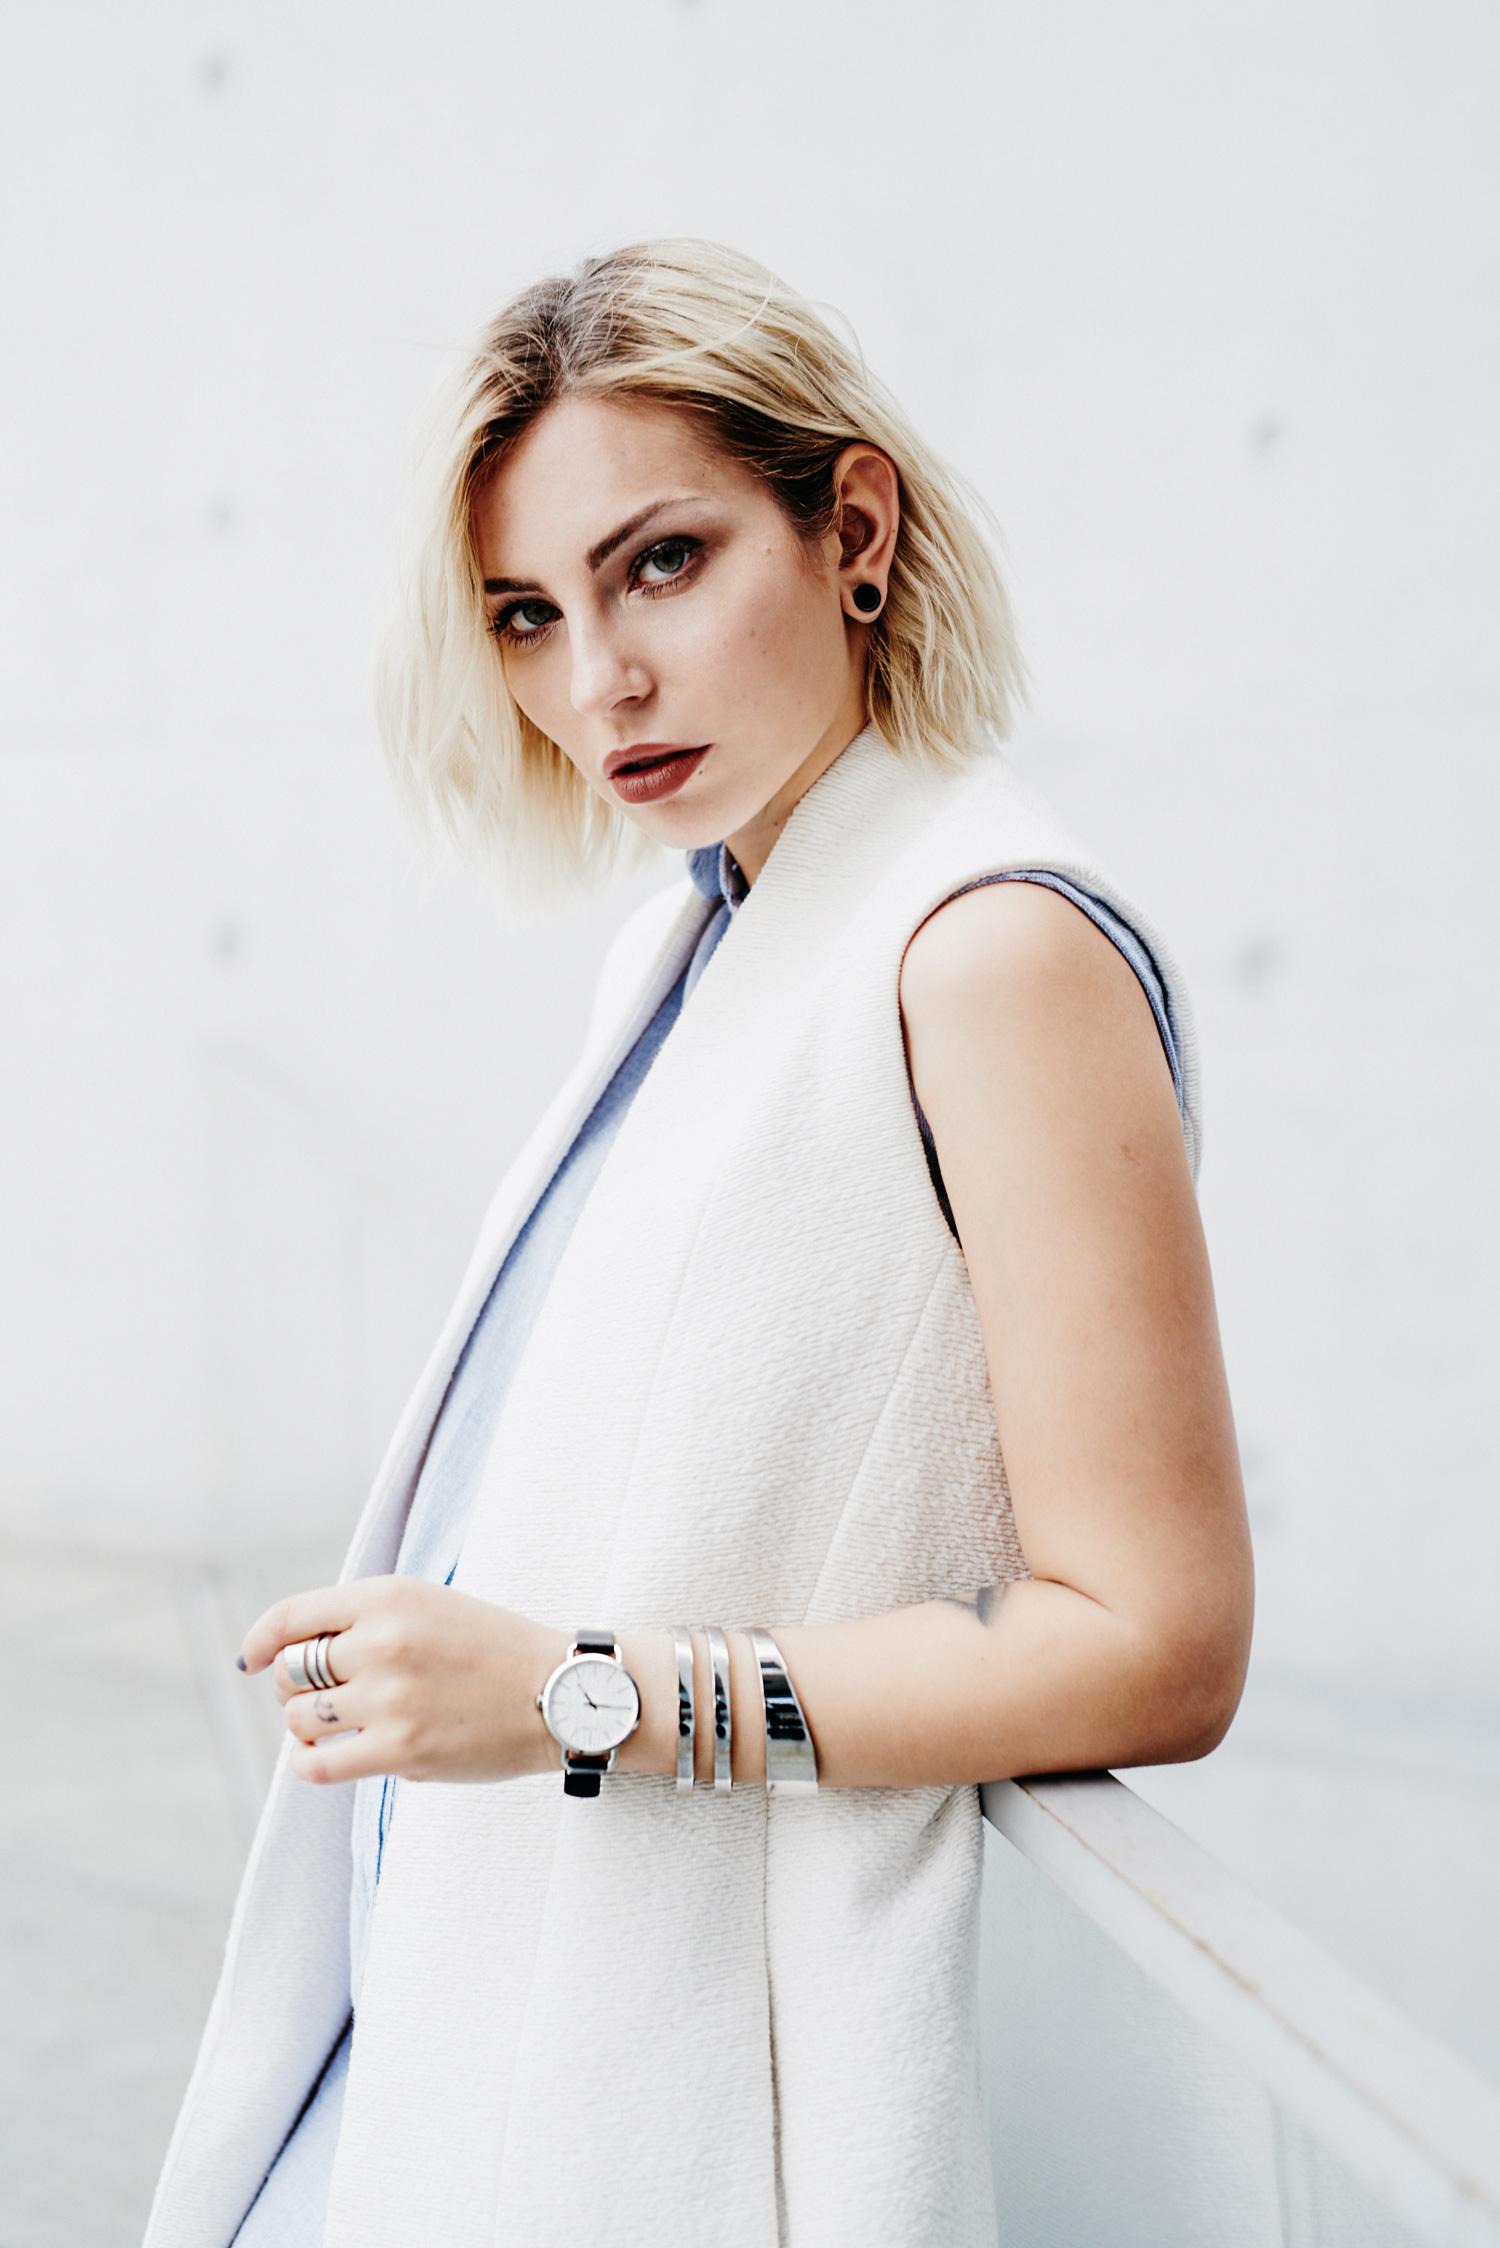 clean white | Calvin Klein watch & jewelry | shooting location: Kanzleramt/Bundestag | scandinavian style